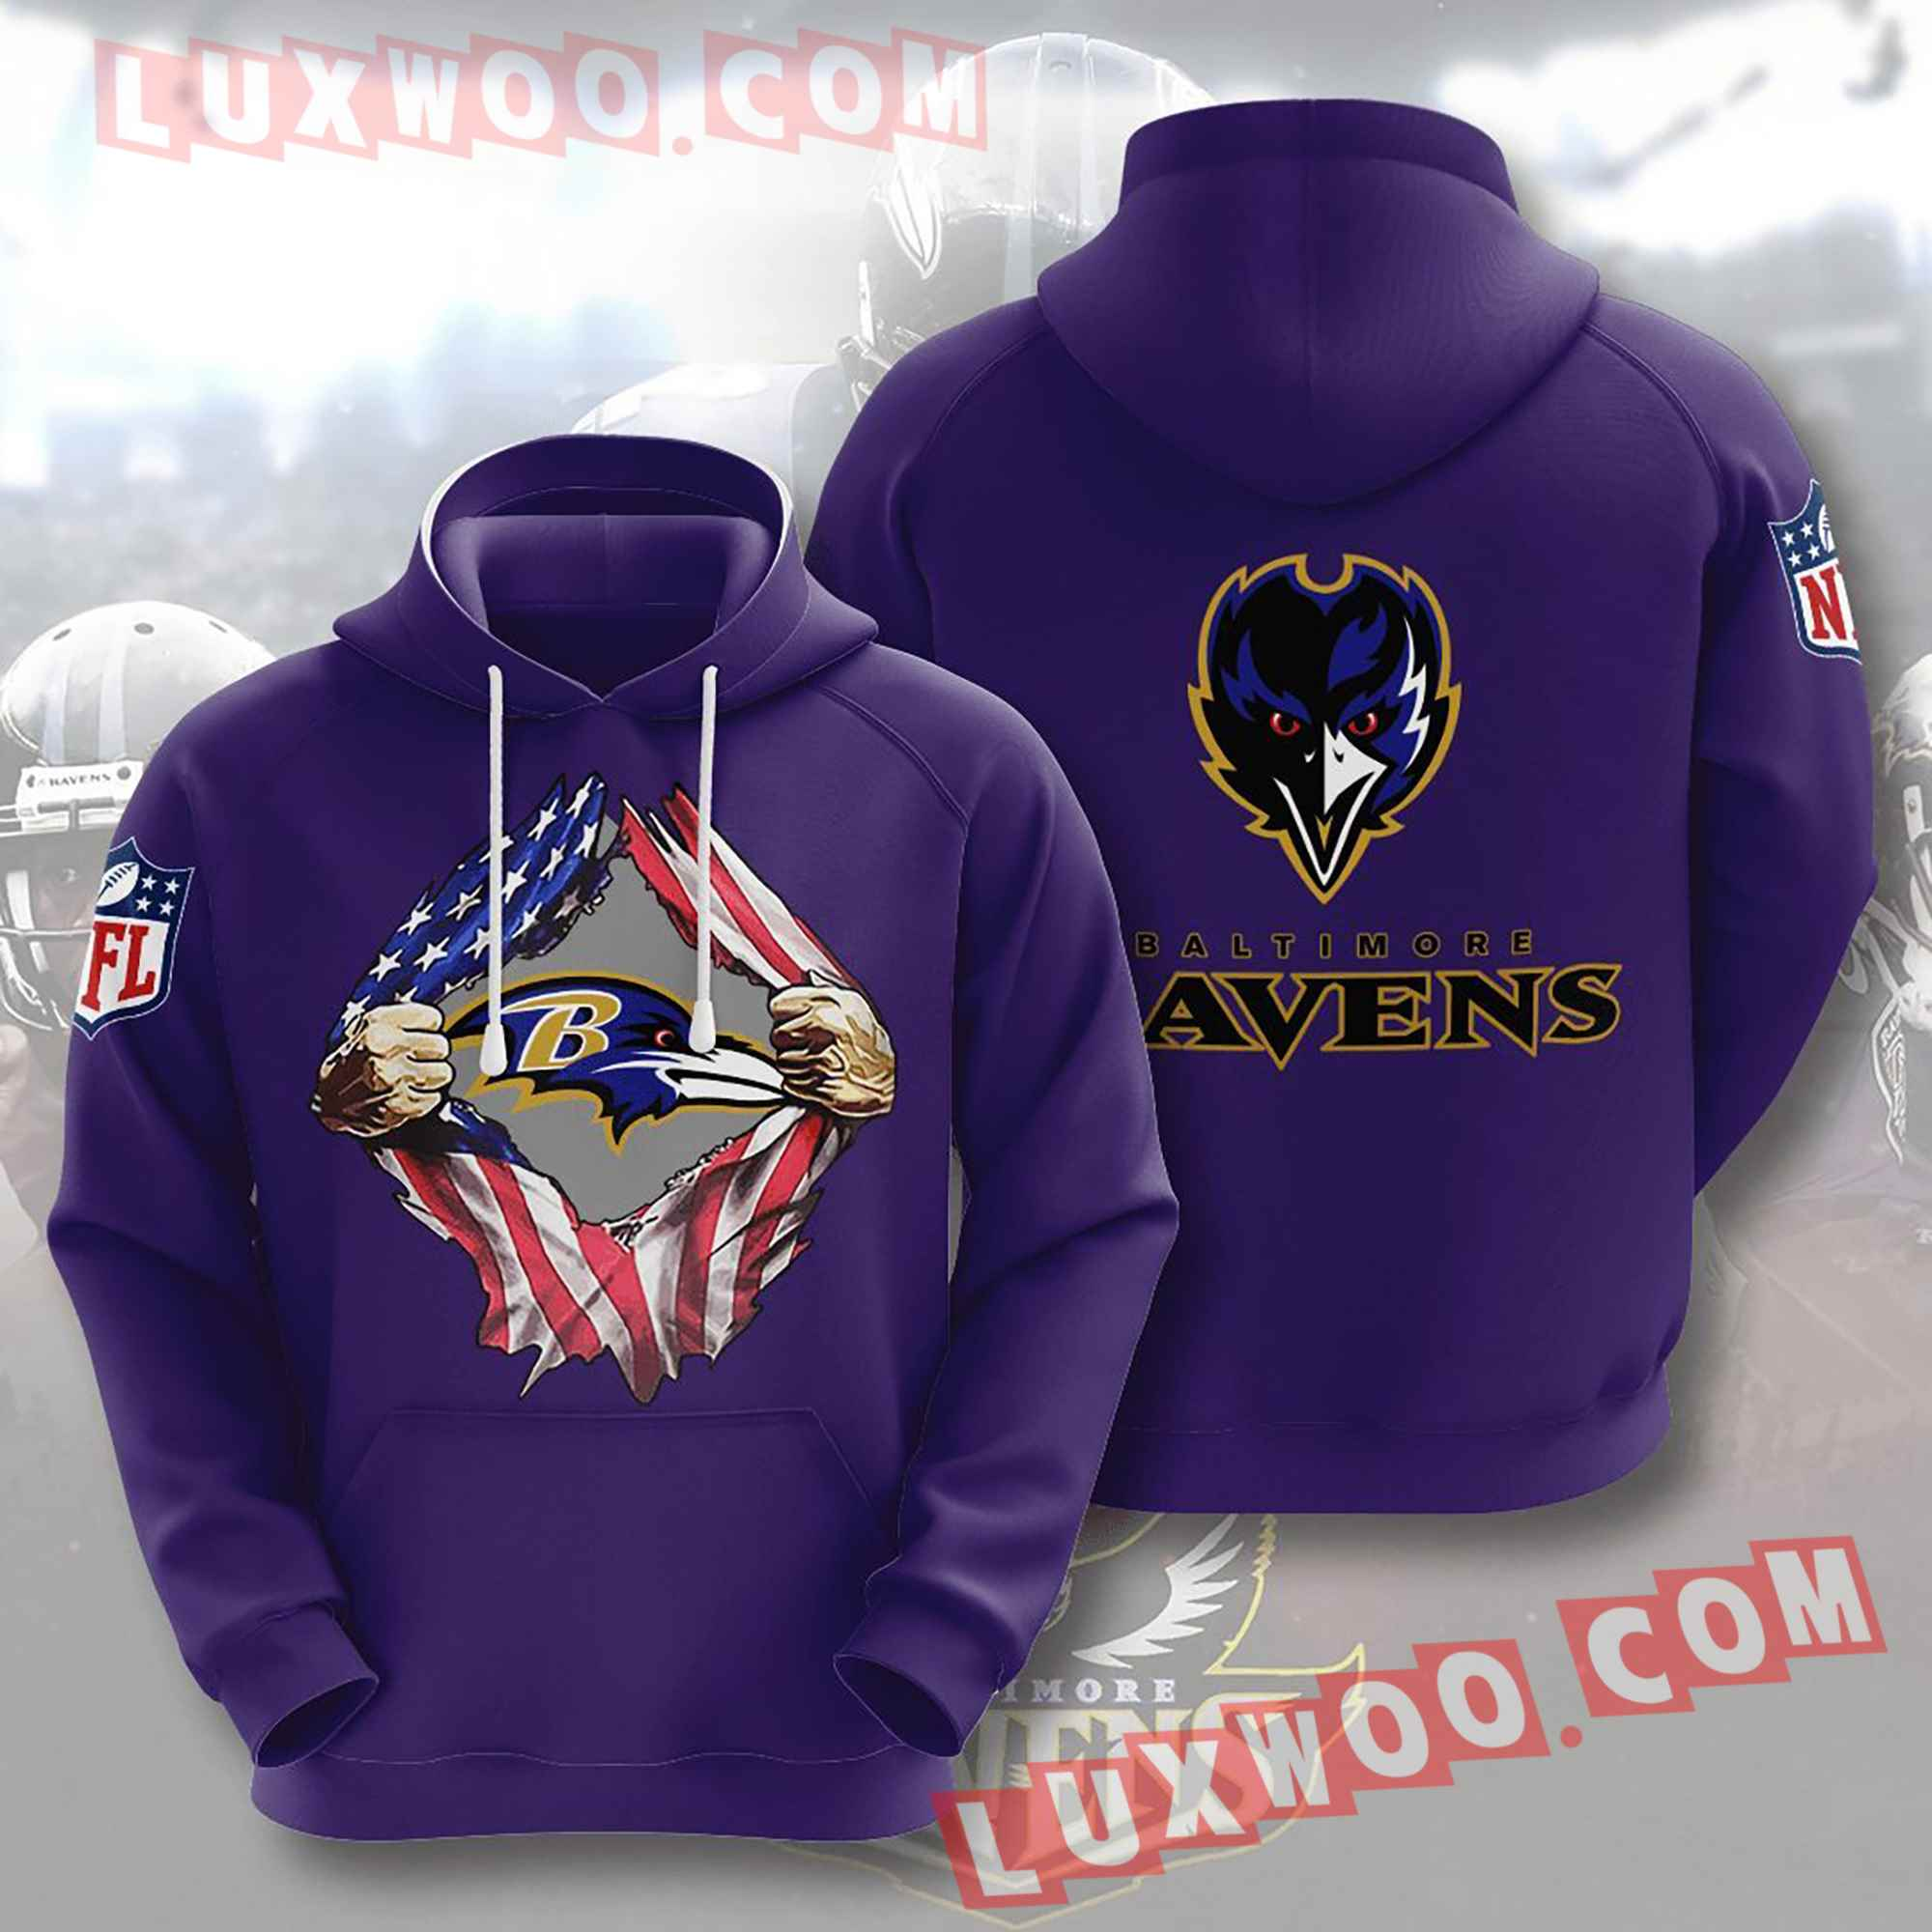 Baltimore Ravens Nfl Custom All Over Print 3d Pullover Hoodie V7